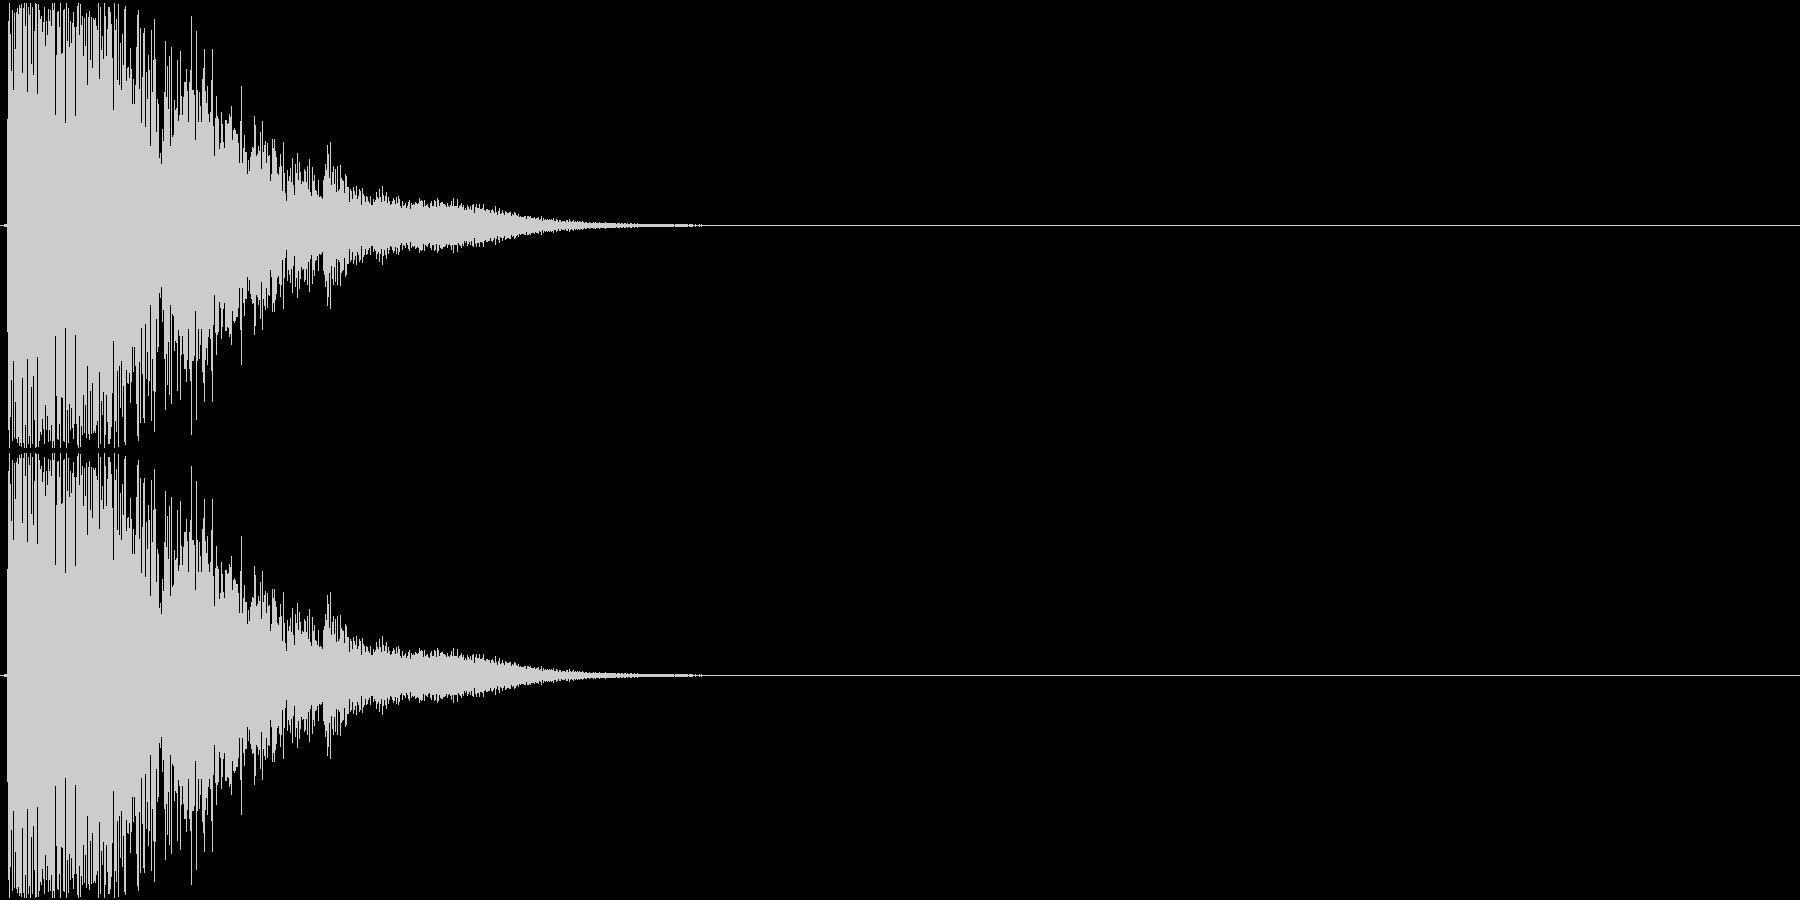 Katana 防具を引っ掻くような刀の音の未再生の波形